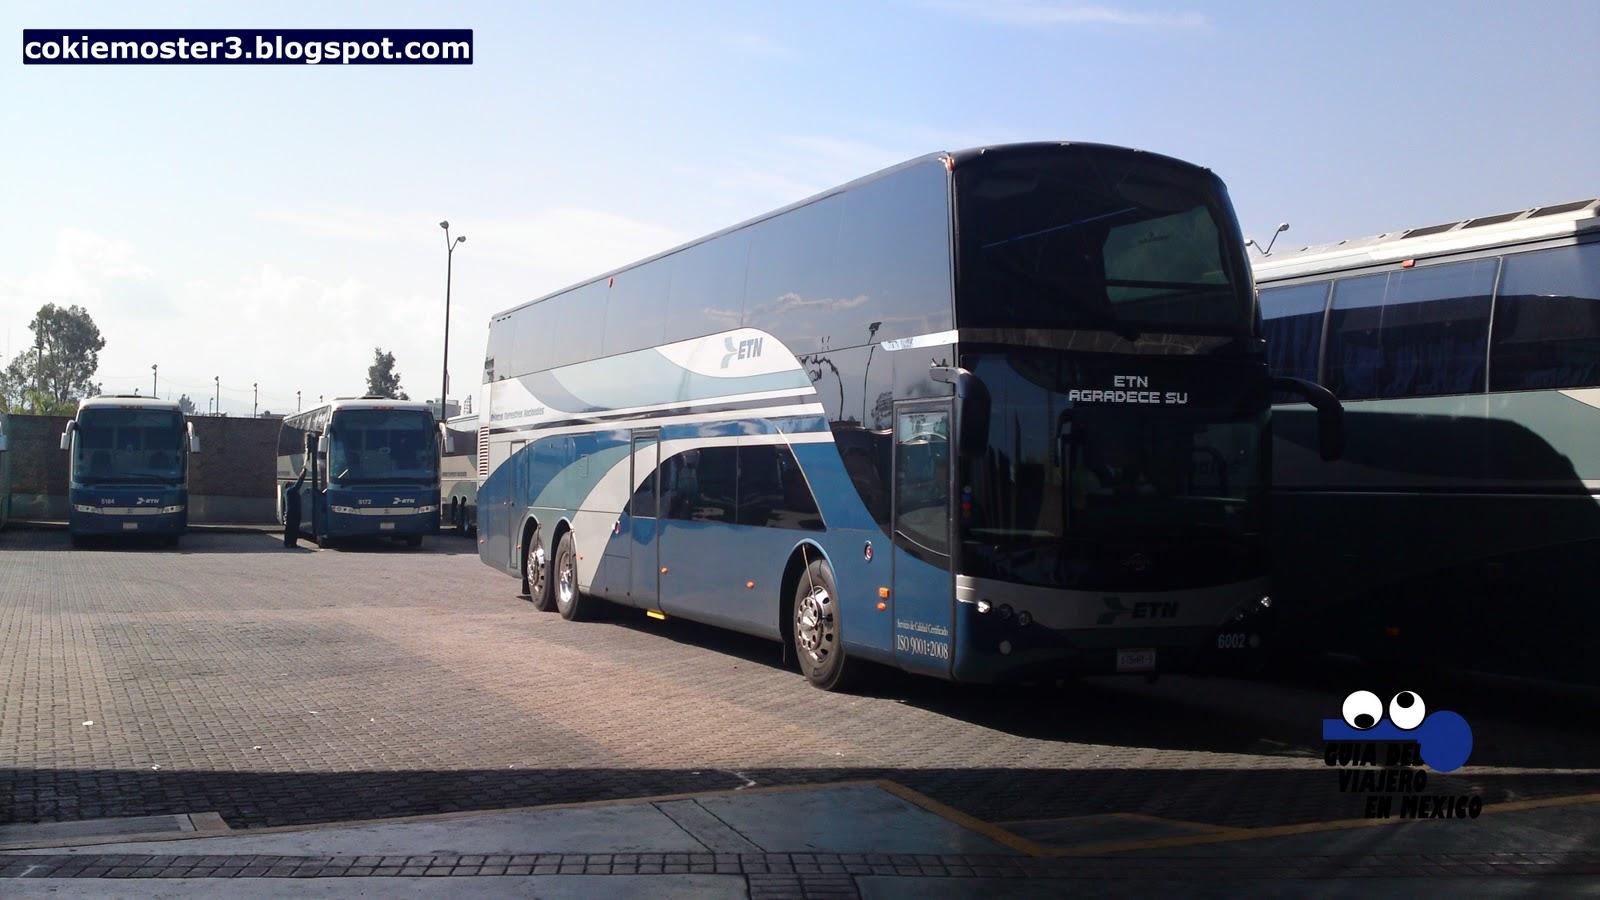 Ado Piso Wifi Wiring Diagram Mim Tele Guía Del Viajero En México Lineas De Autobus Con Internet